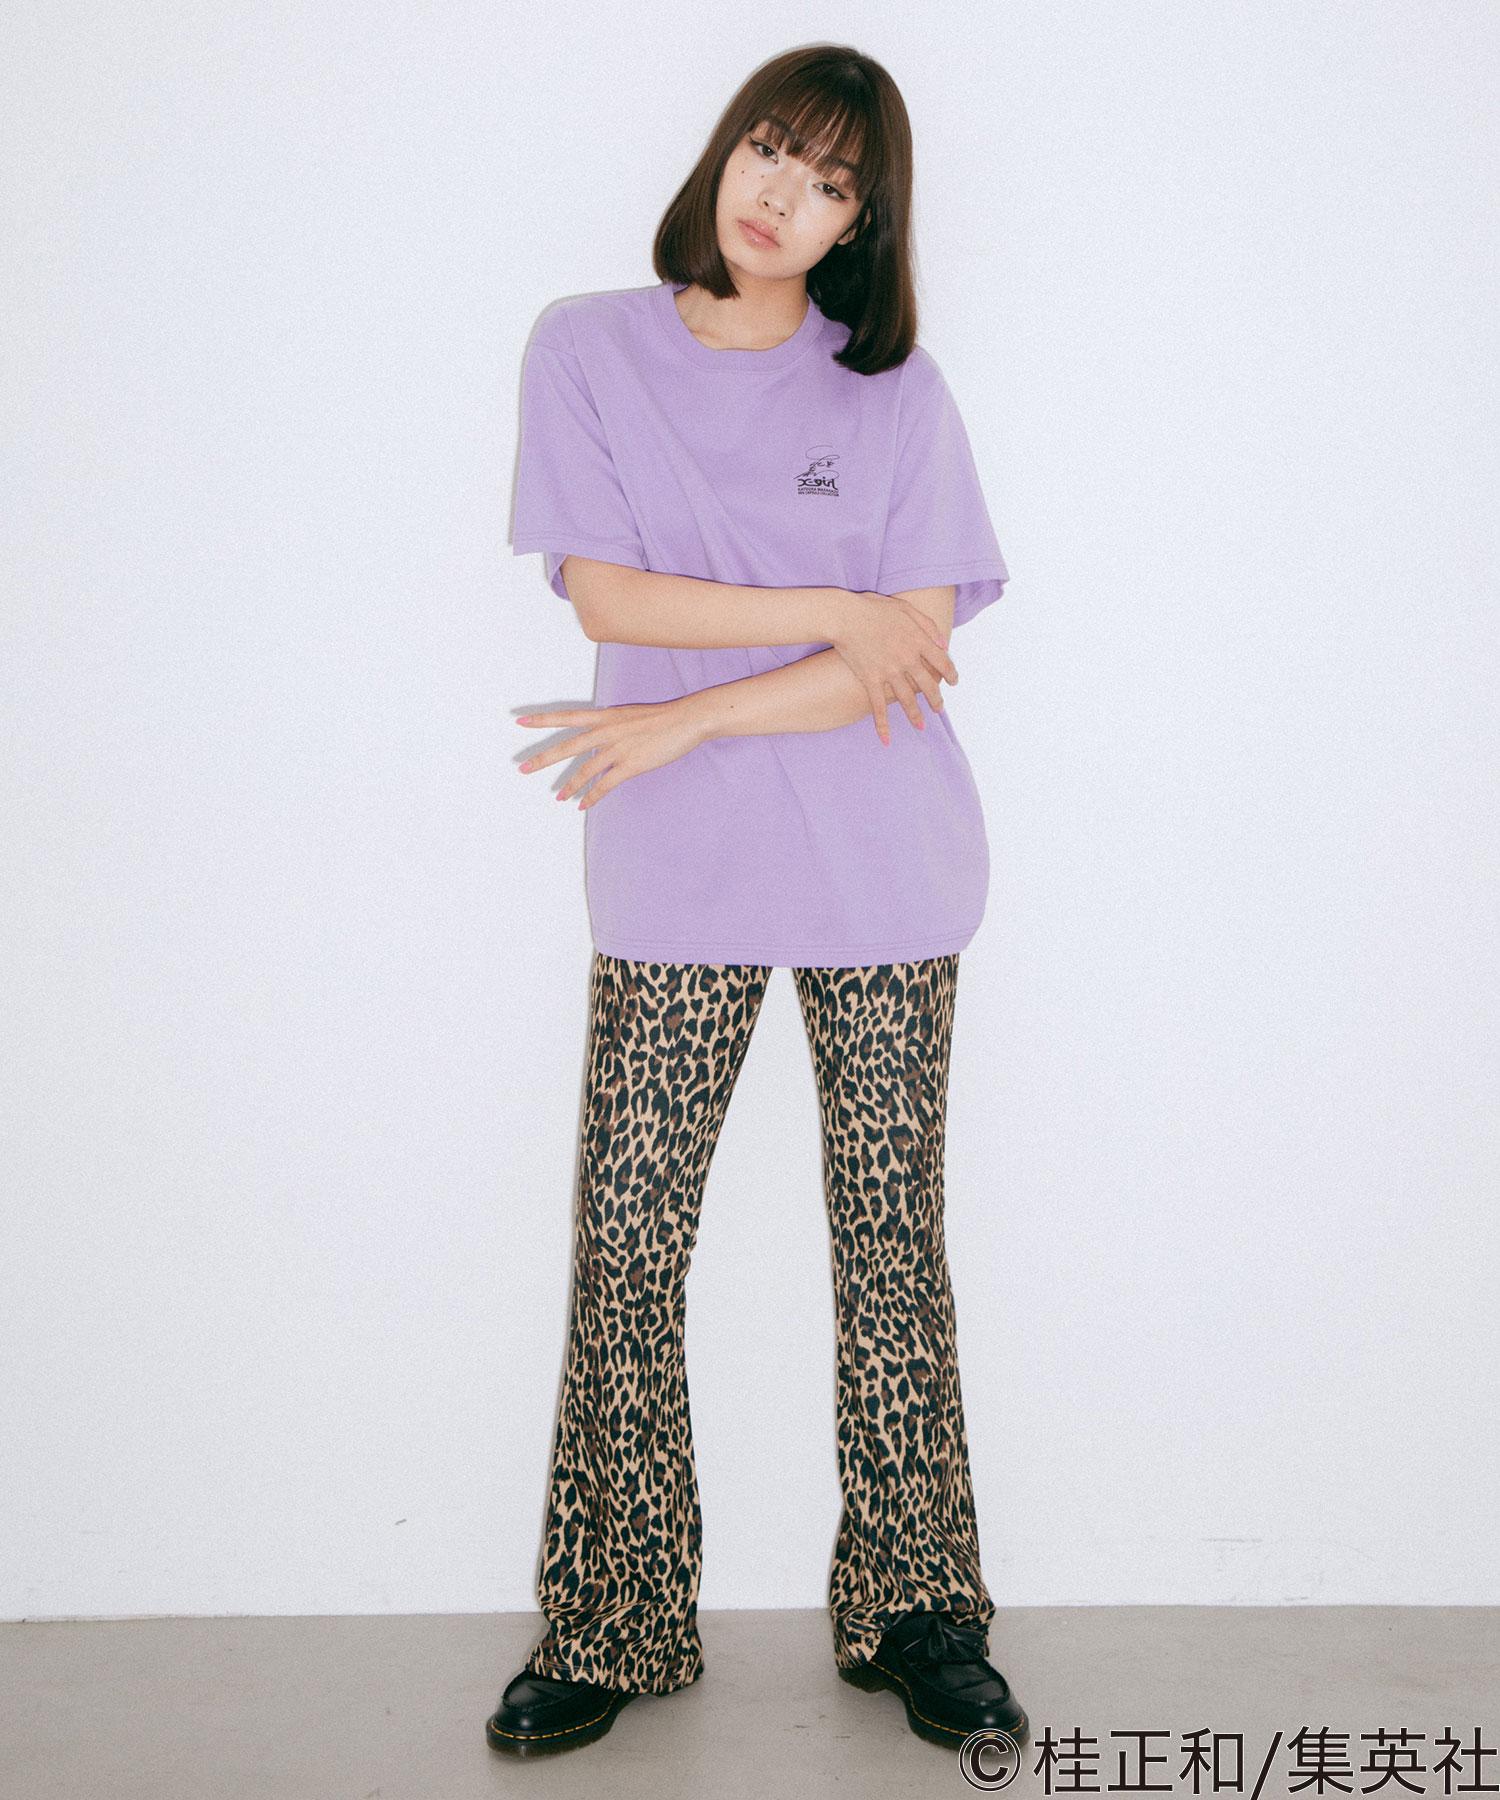 """【公式】X-girlエックスガールX-girl×KATSURAMASAKAZUI""""sSCENES/STEETシャツトップスプリントロゴショートスリーブコラボ"""